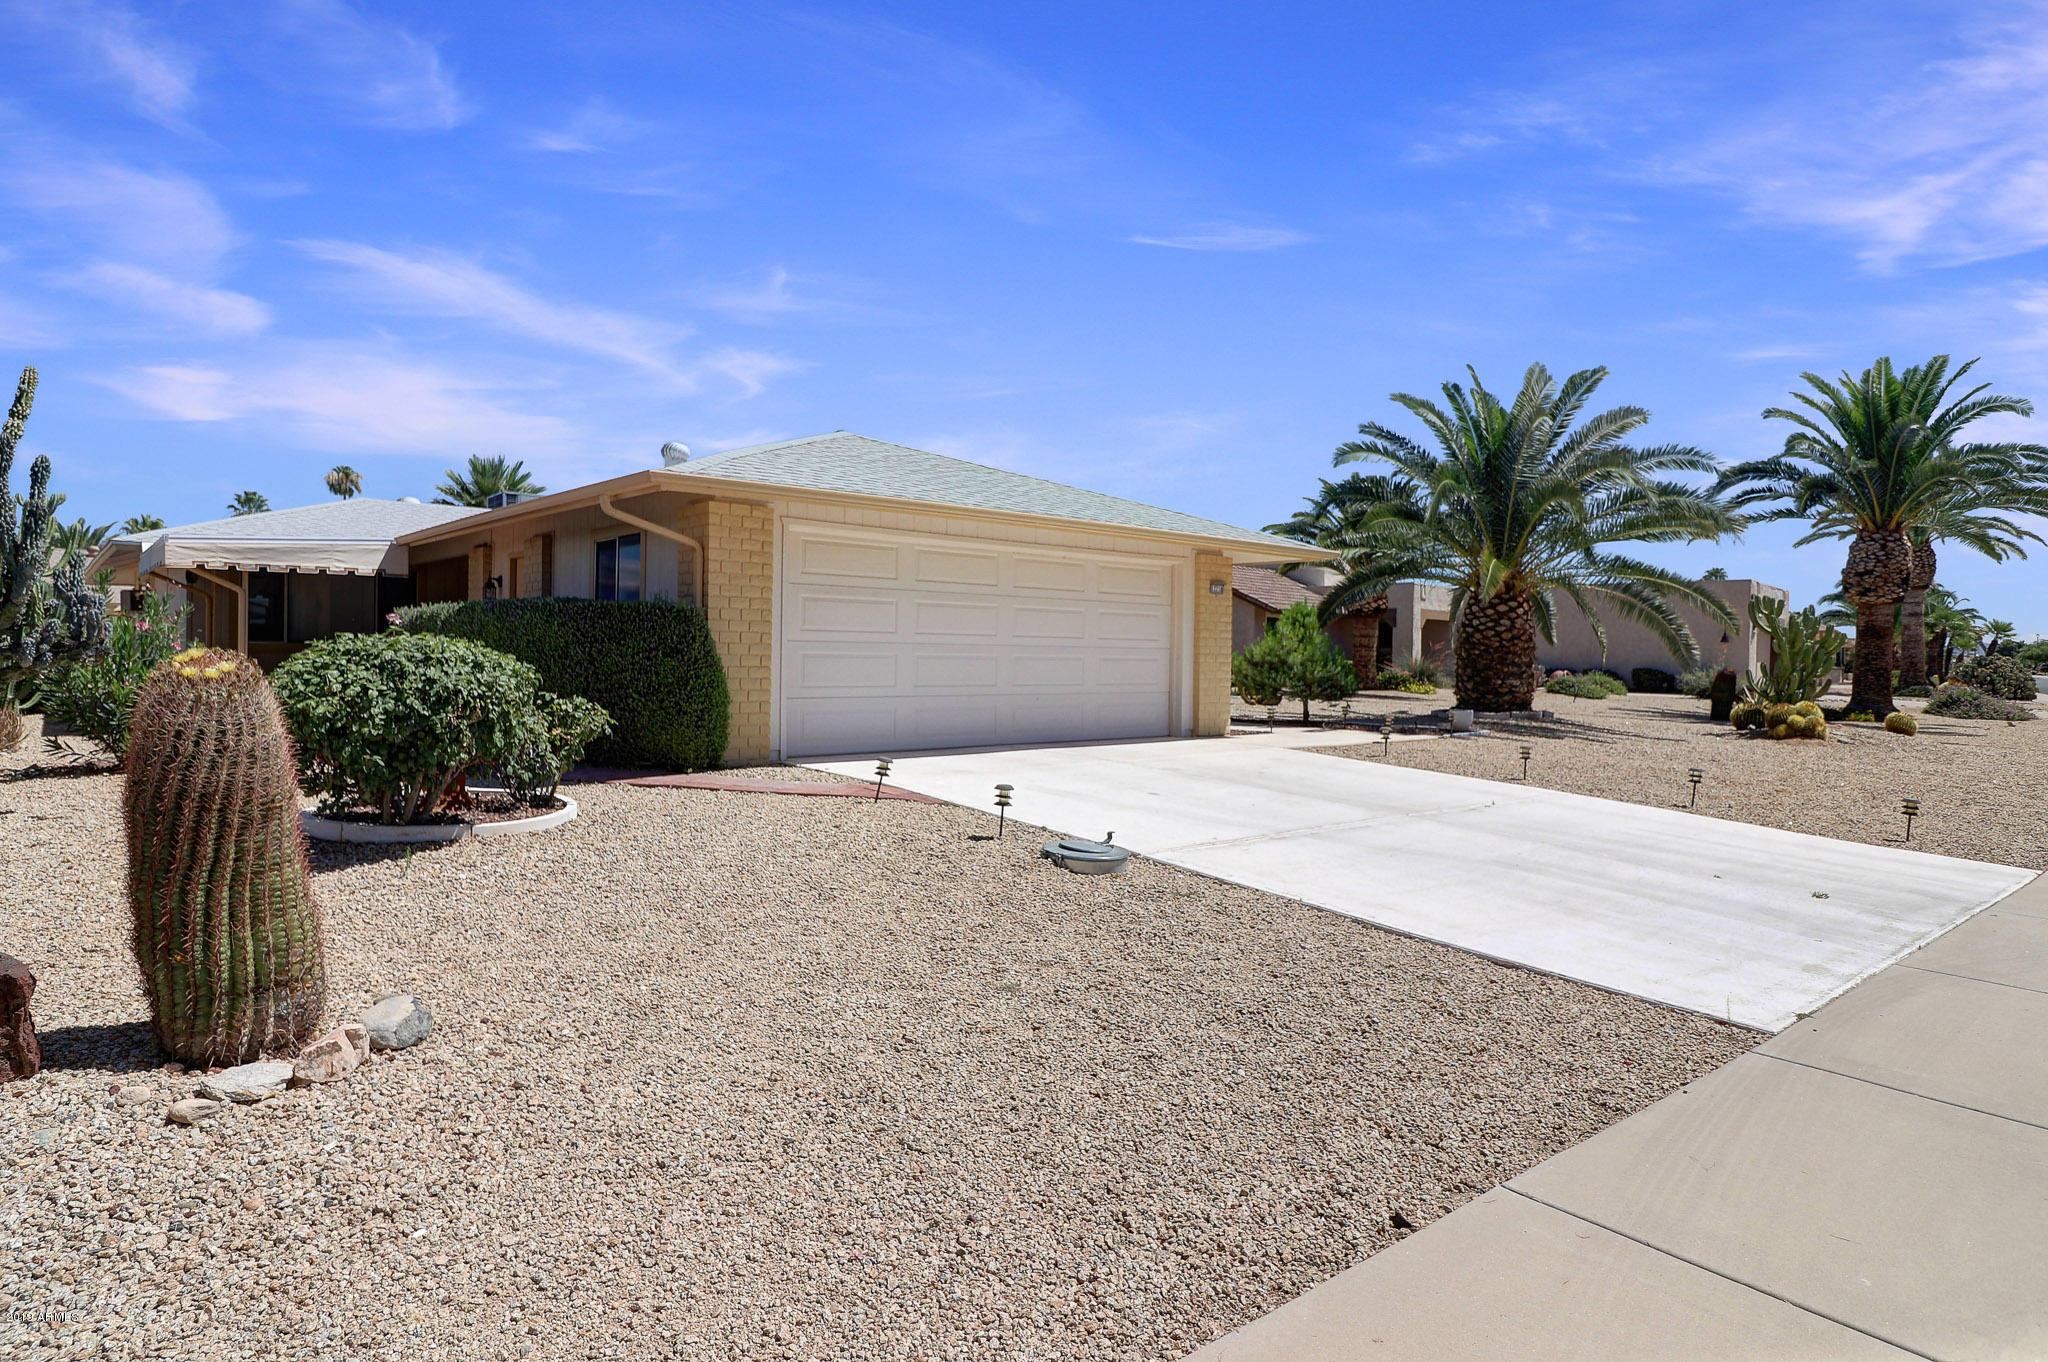 MLS 5937887 12718 W ALLEGRO Drive, Sun City West, AZ 85375 Sun City West Homes for Rent